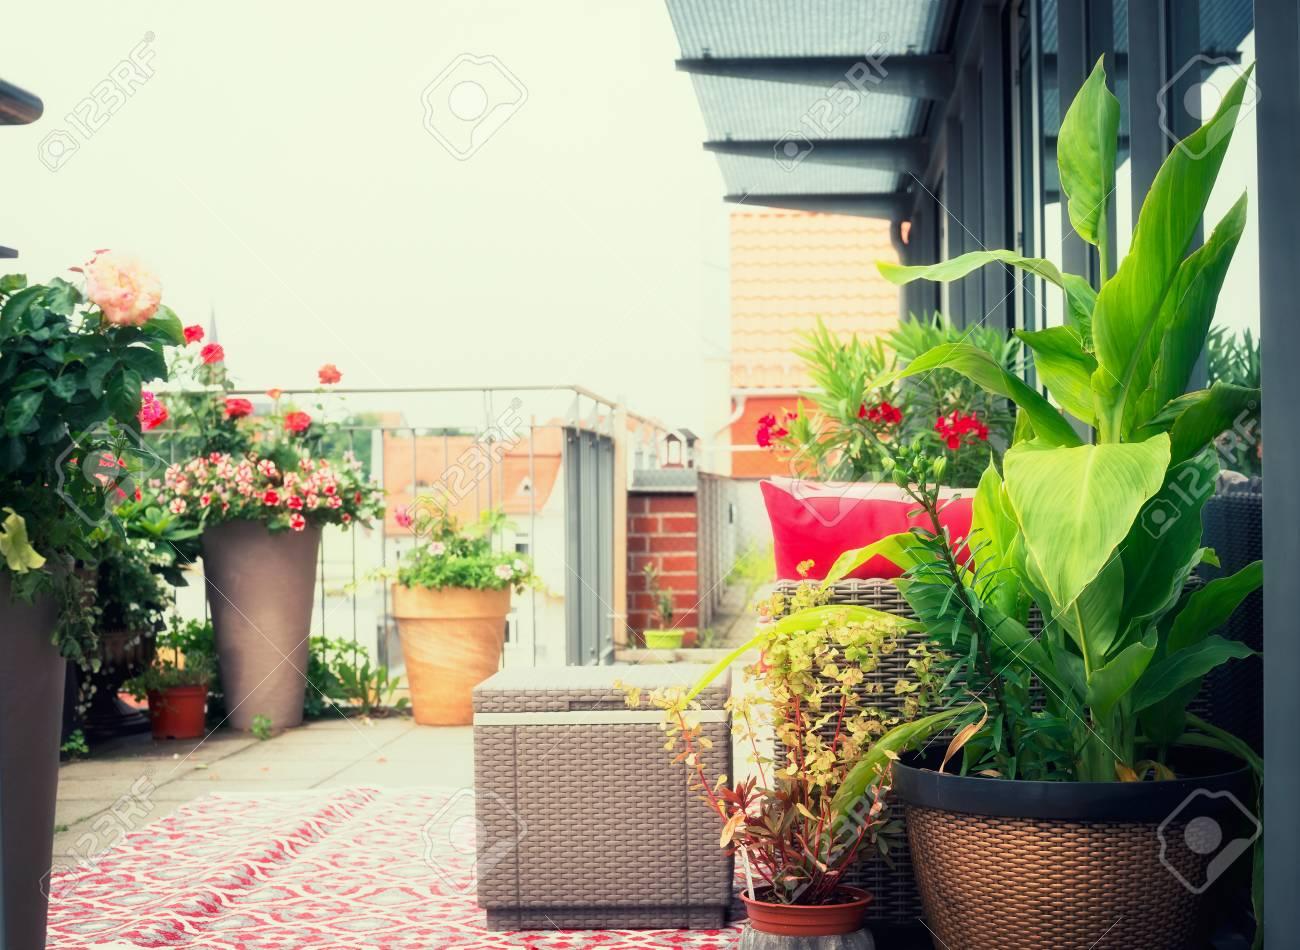 Canna Patio Flores Macetas En El Balcón O Terraza Con Muebles De Ratán Vida Urbana Y Estilo De Vida